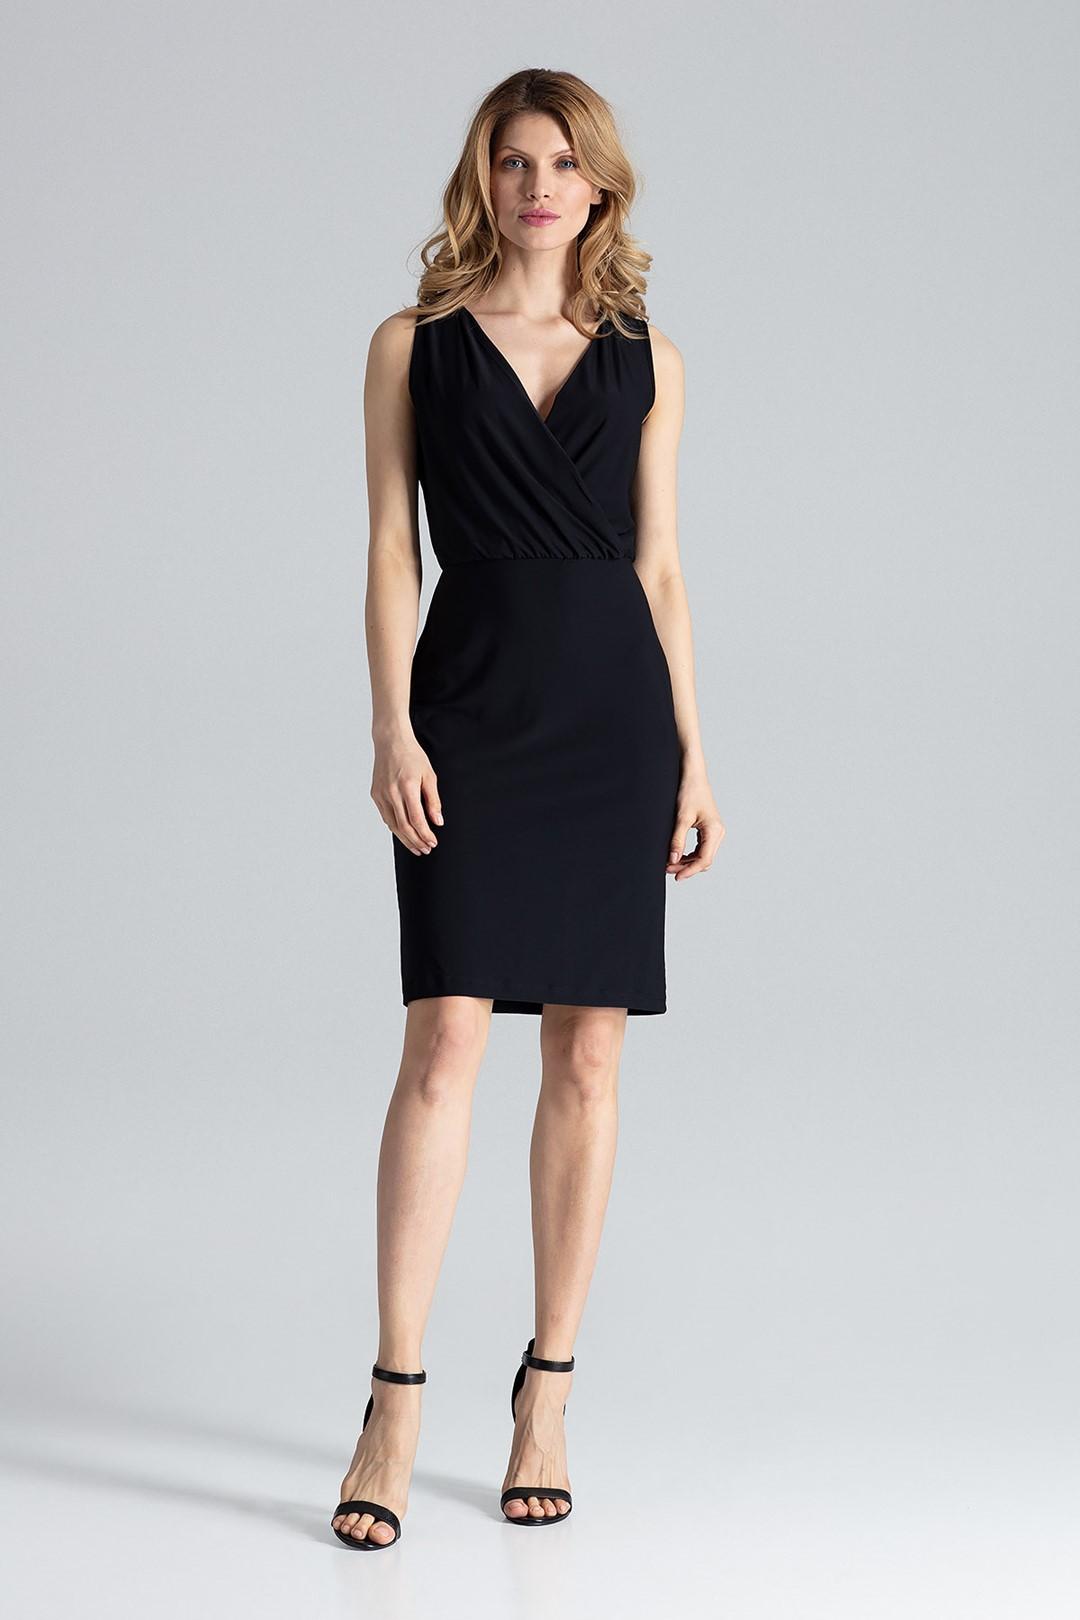 0482e921e9a FIGL Černé šaty s překládaným hlubokým výstřihem - M135 velikost  XL